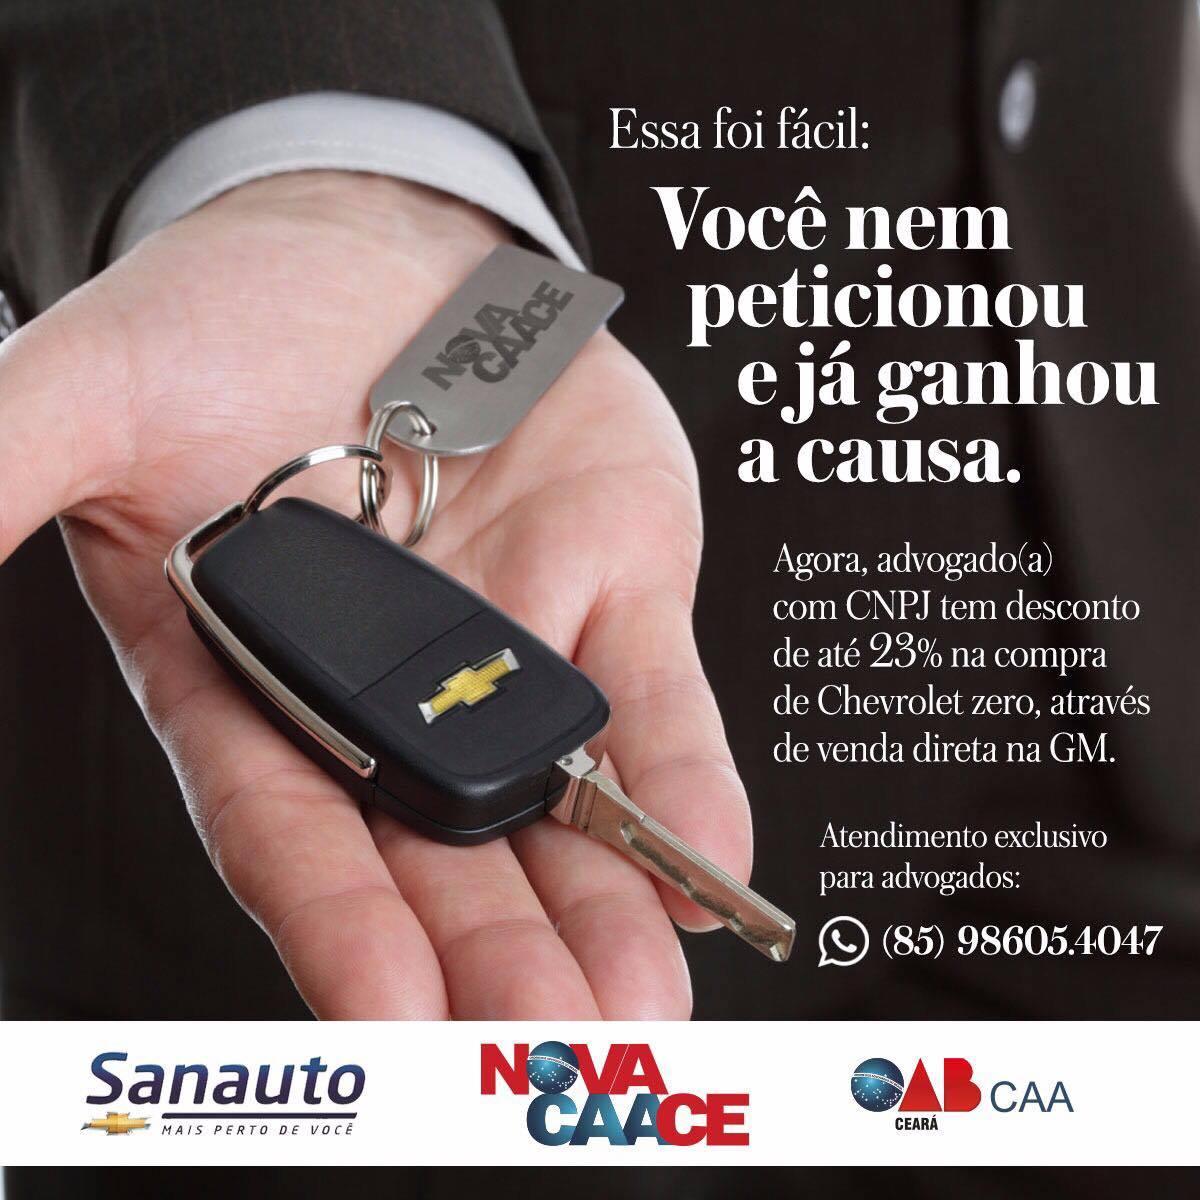 Novo convênio oferece descontos na compra de veículos